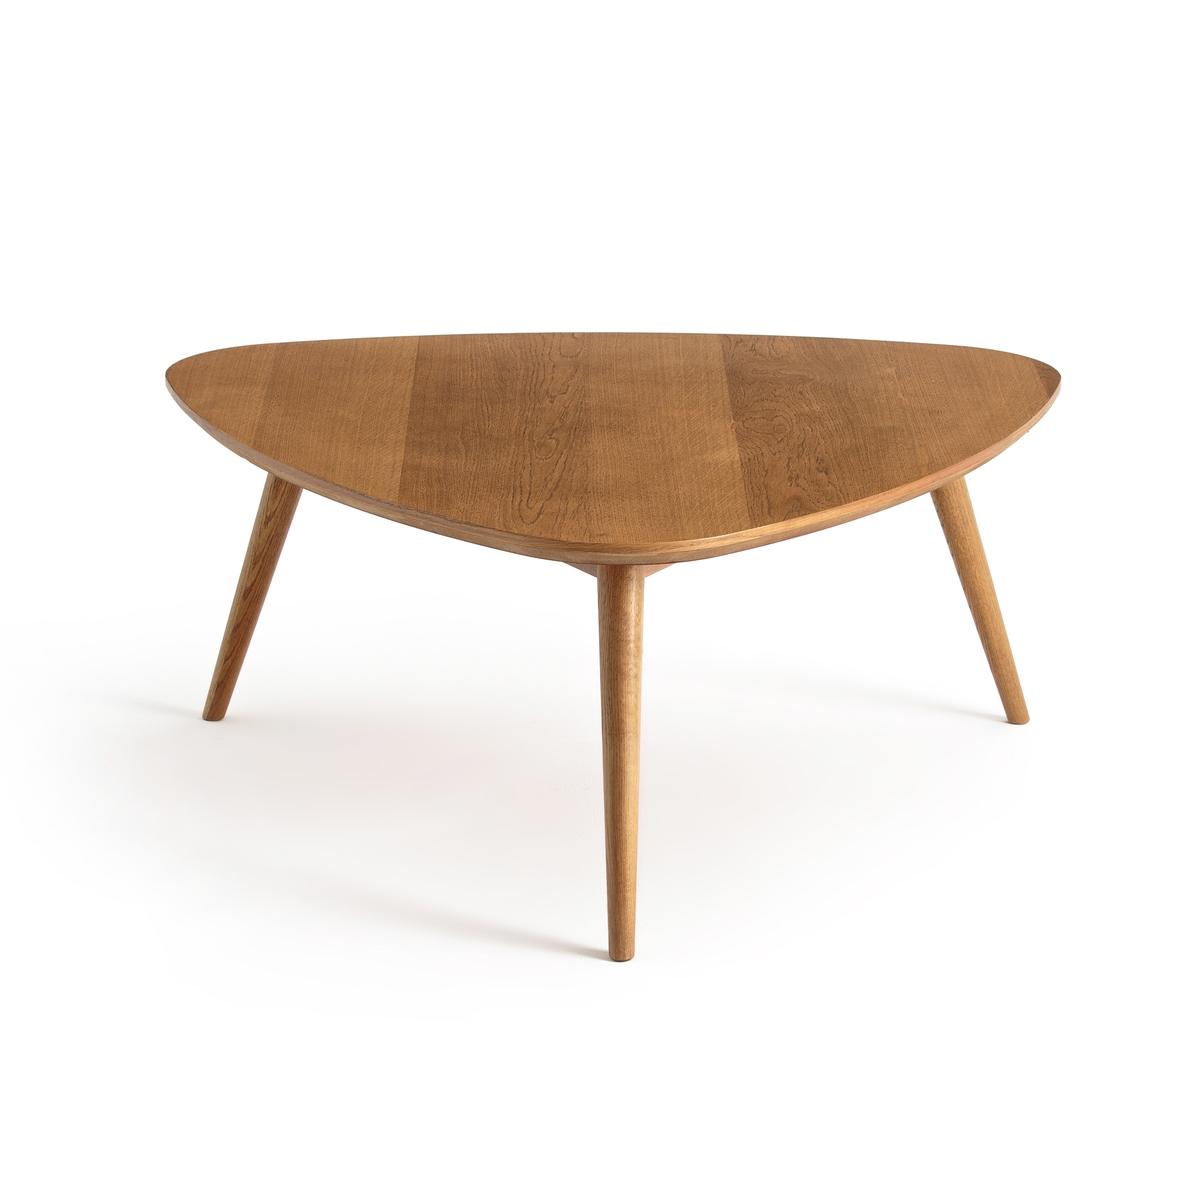 Столик La Redoute Журнальный в винтажном стиле из обыкновенного дуба QUILDA единый размер каштановый столик журнальный в винтажном стиле из обыкновенного дуба quilda